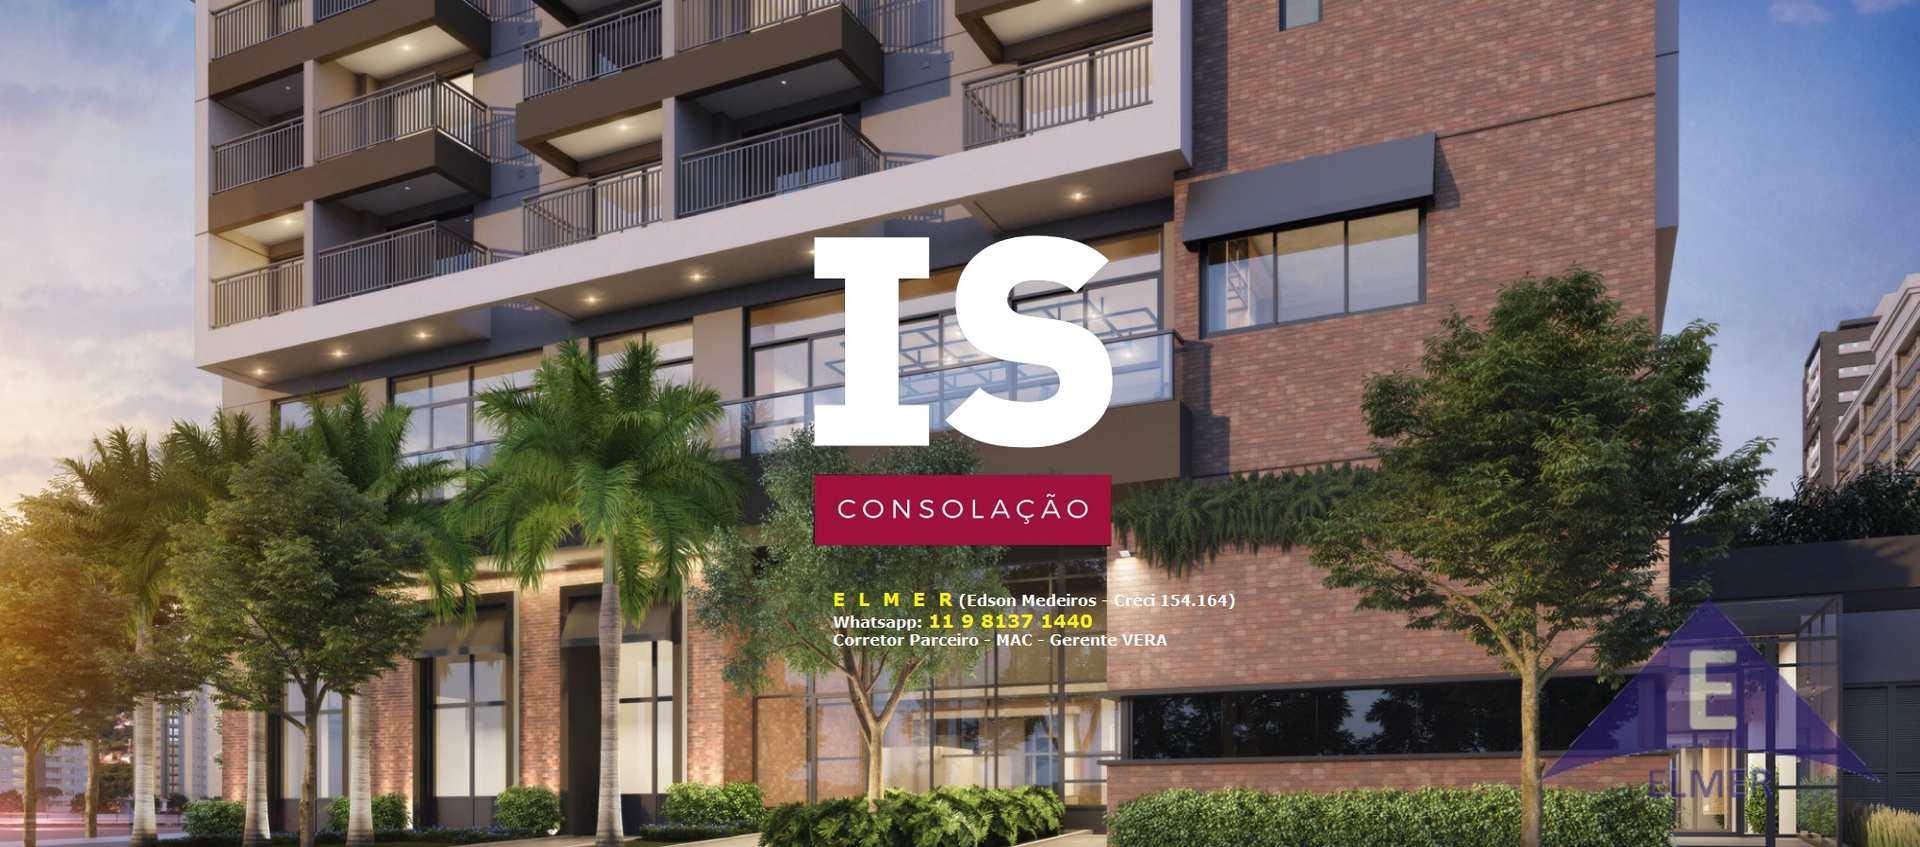 IS CONSOLAÇÃO-Studio 26 m² - 1 dorm, Vila Buarque, SP, Cod: 298